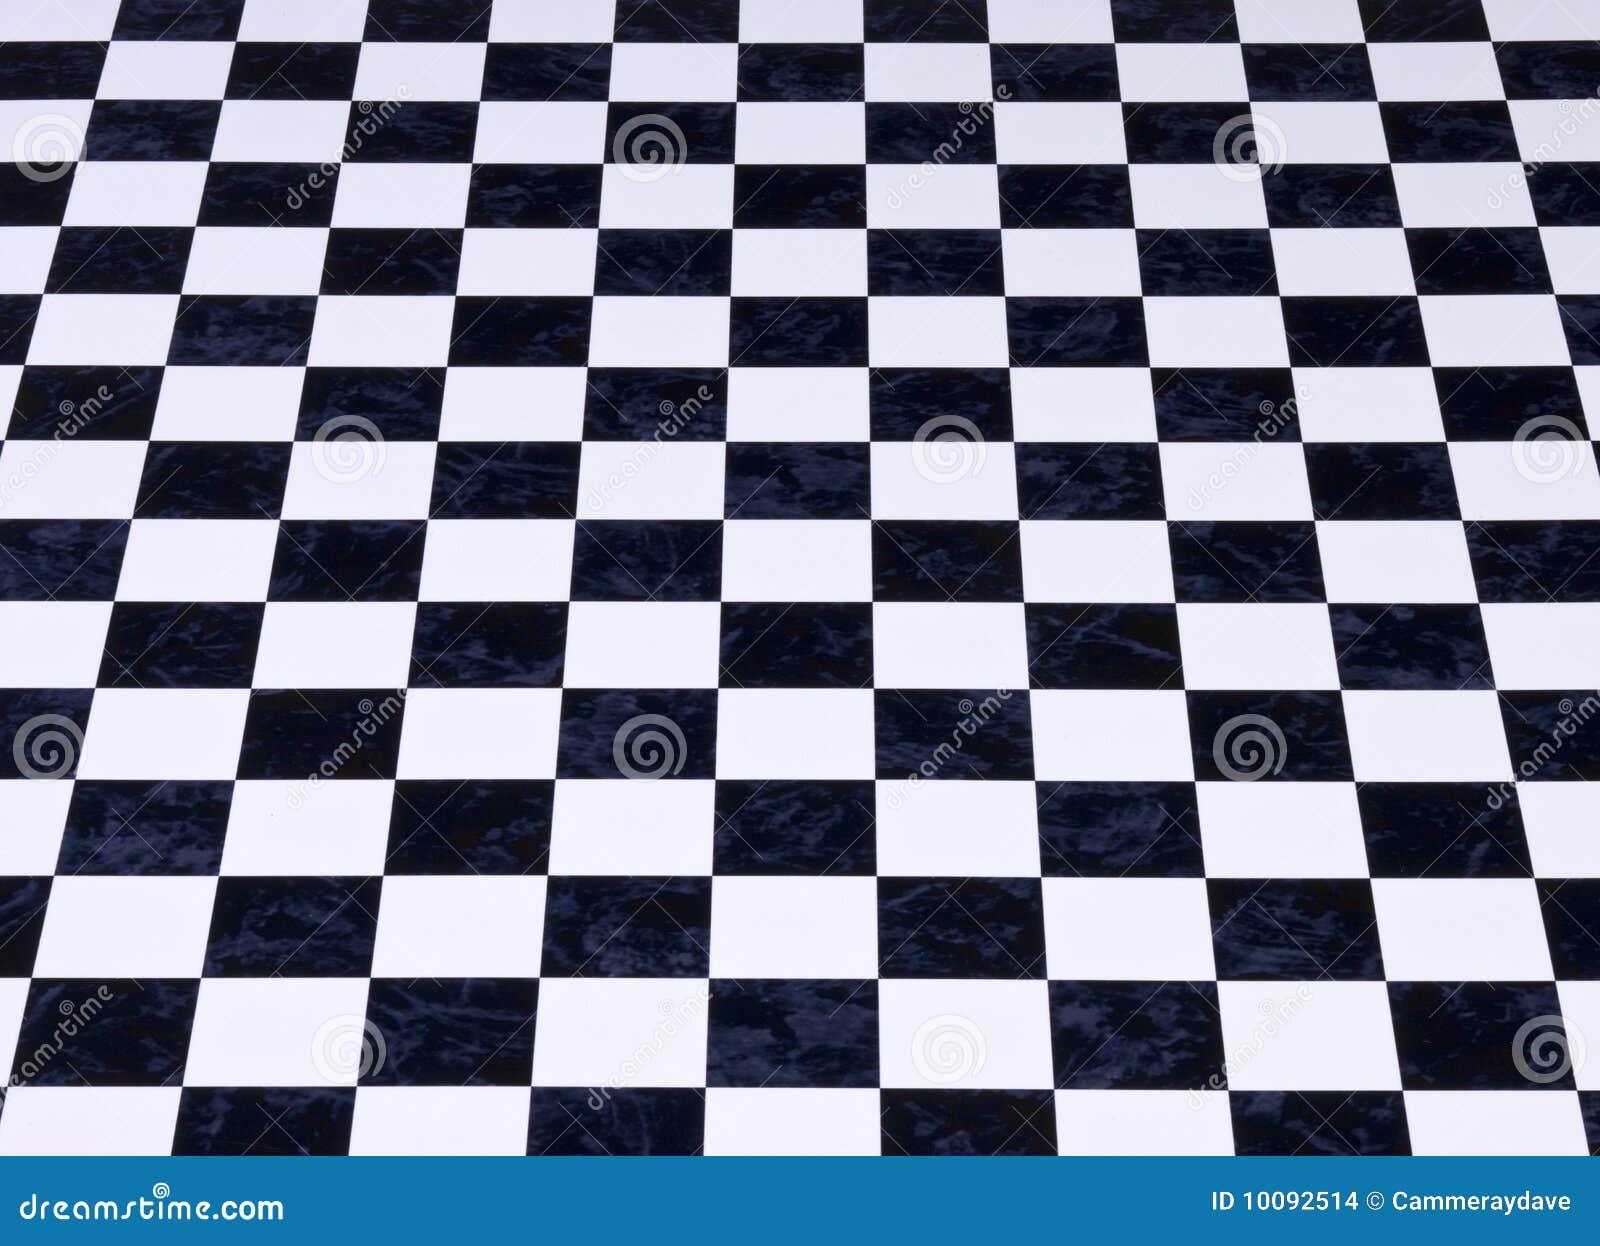 Fundo Checkered de mármore